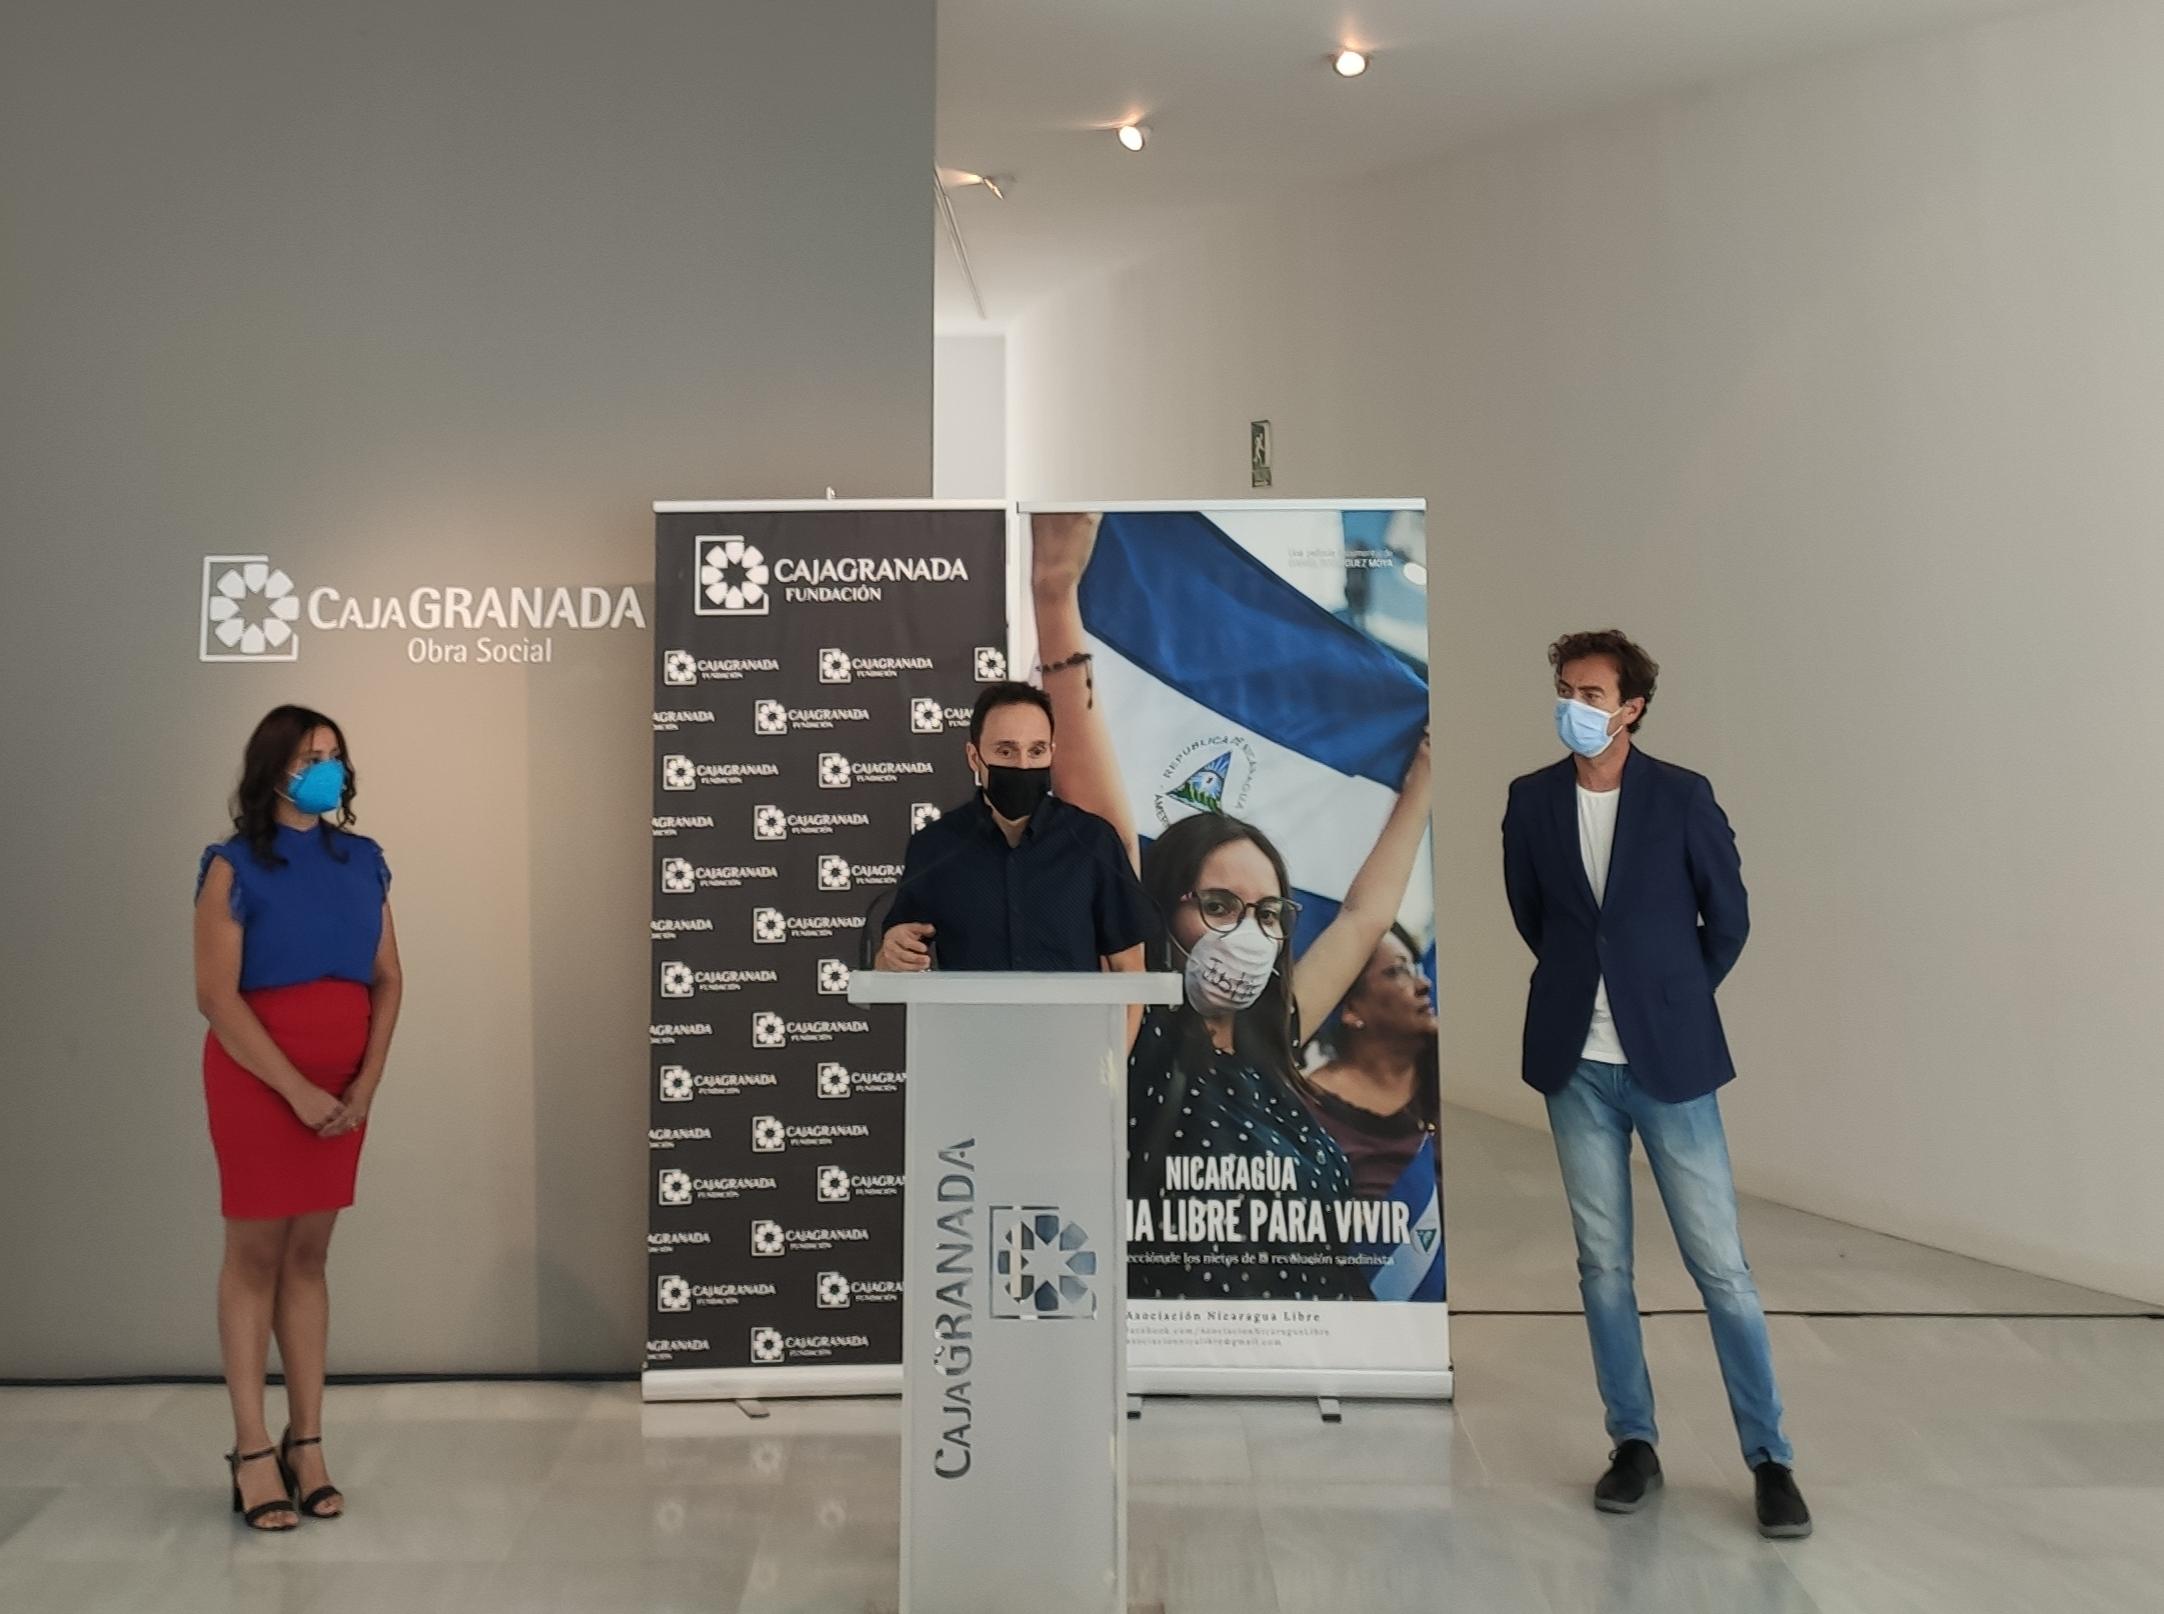 El Centro Cultural CajaGranada acoge el documental 'Nicaragua, patria libre para vivir', el documental que retrata la represión en el país